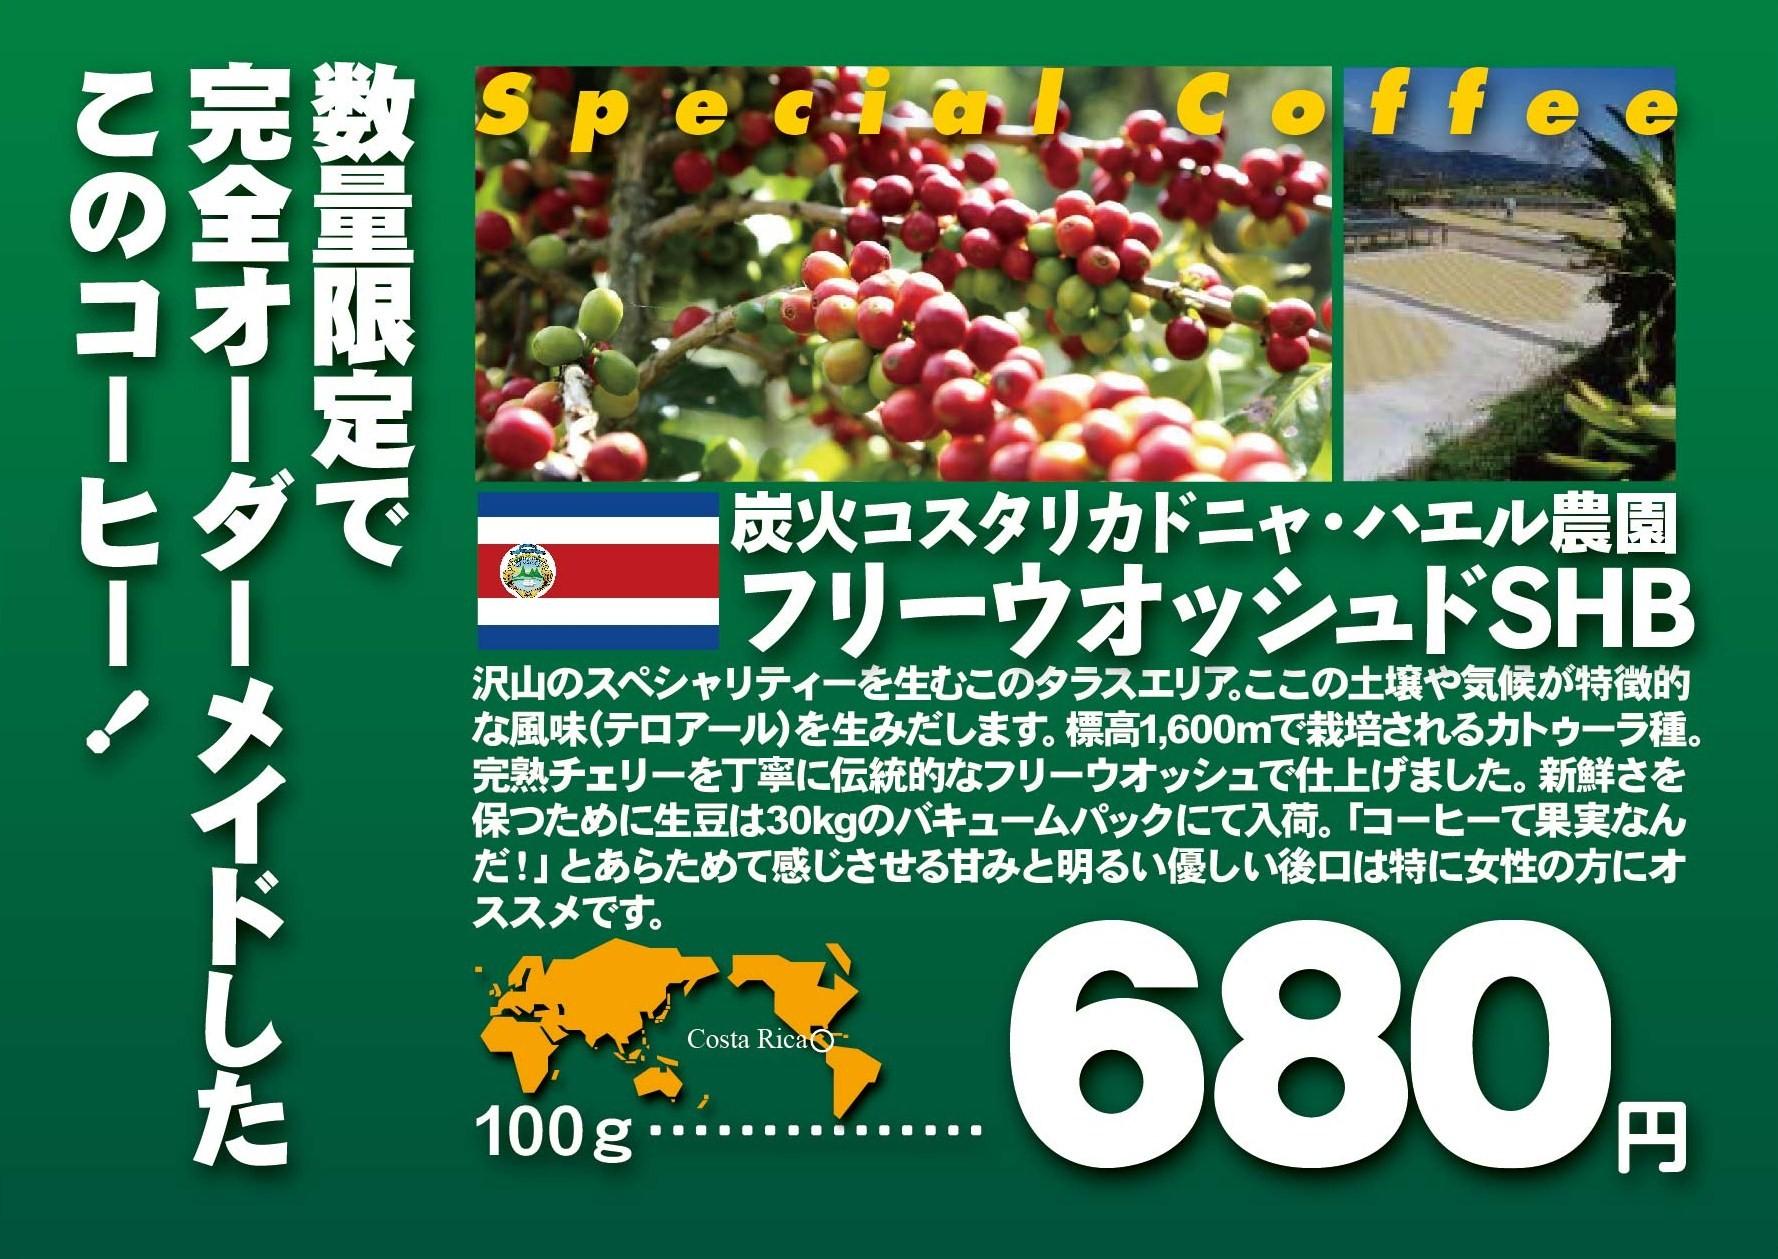 コスタリカPOP-01.jpg